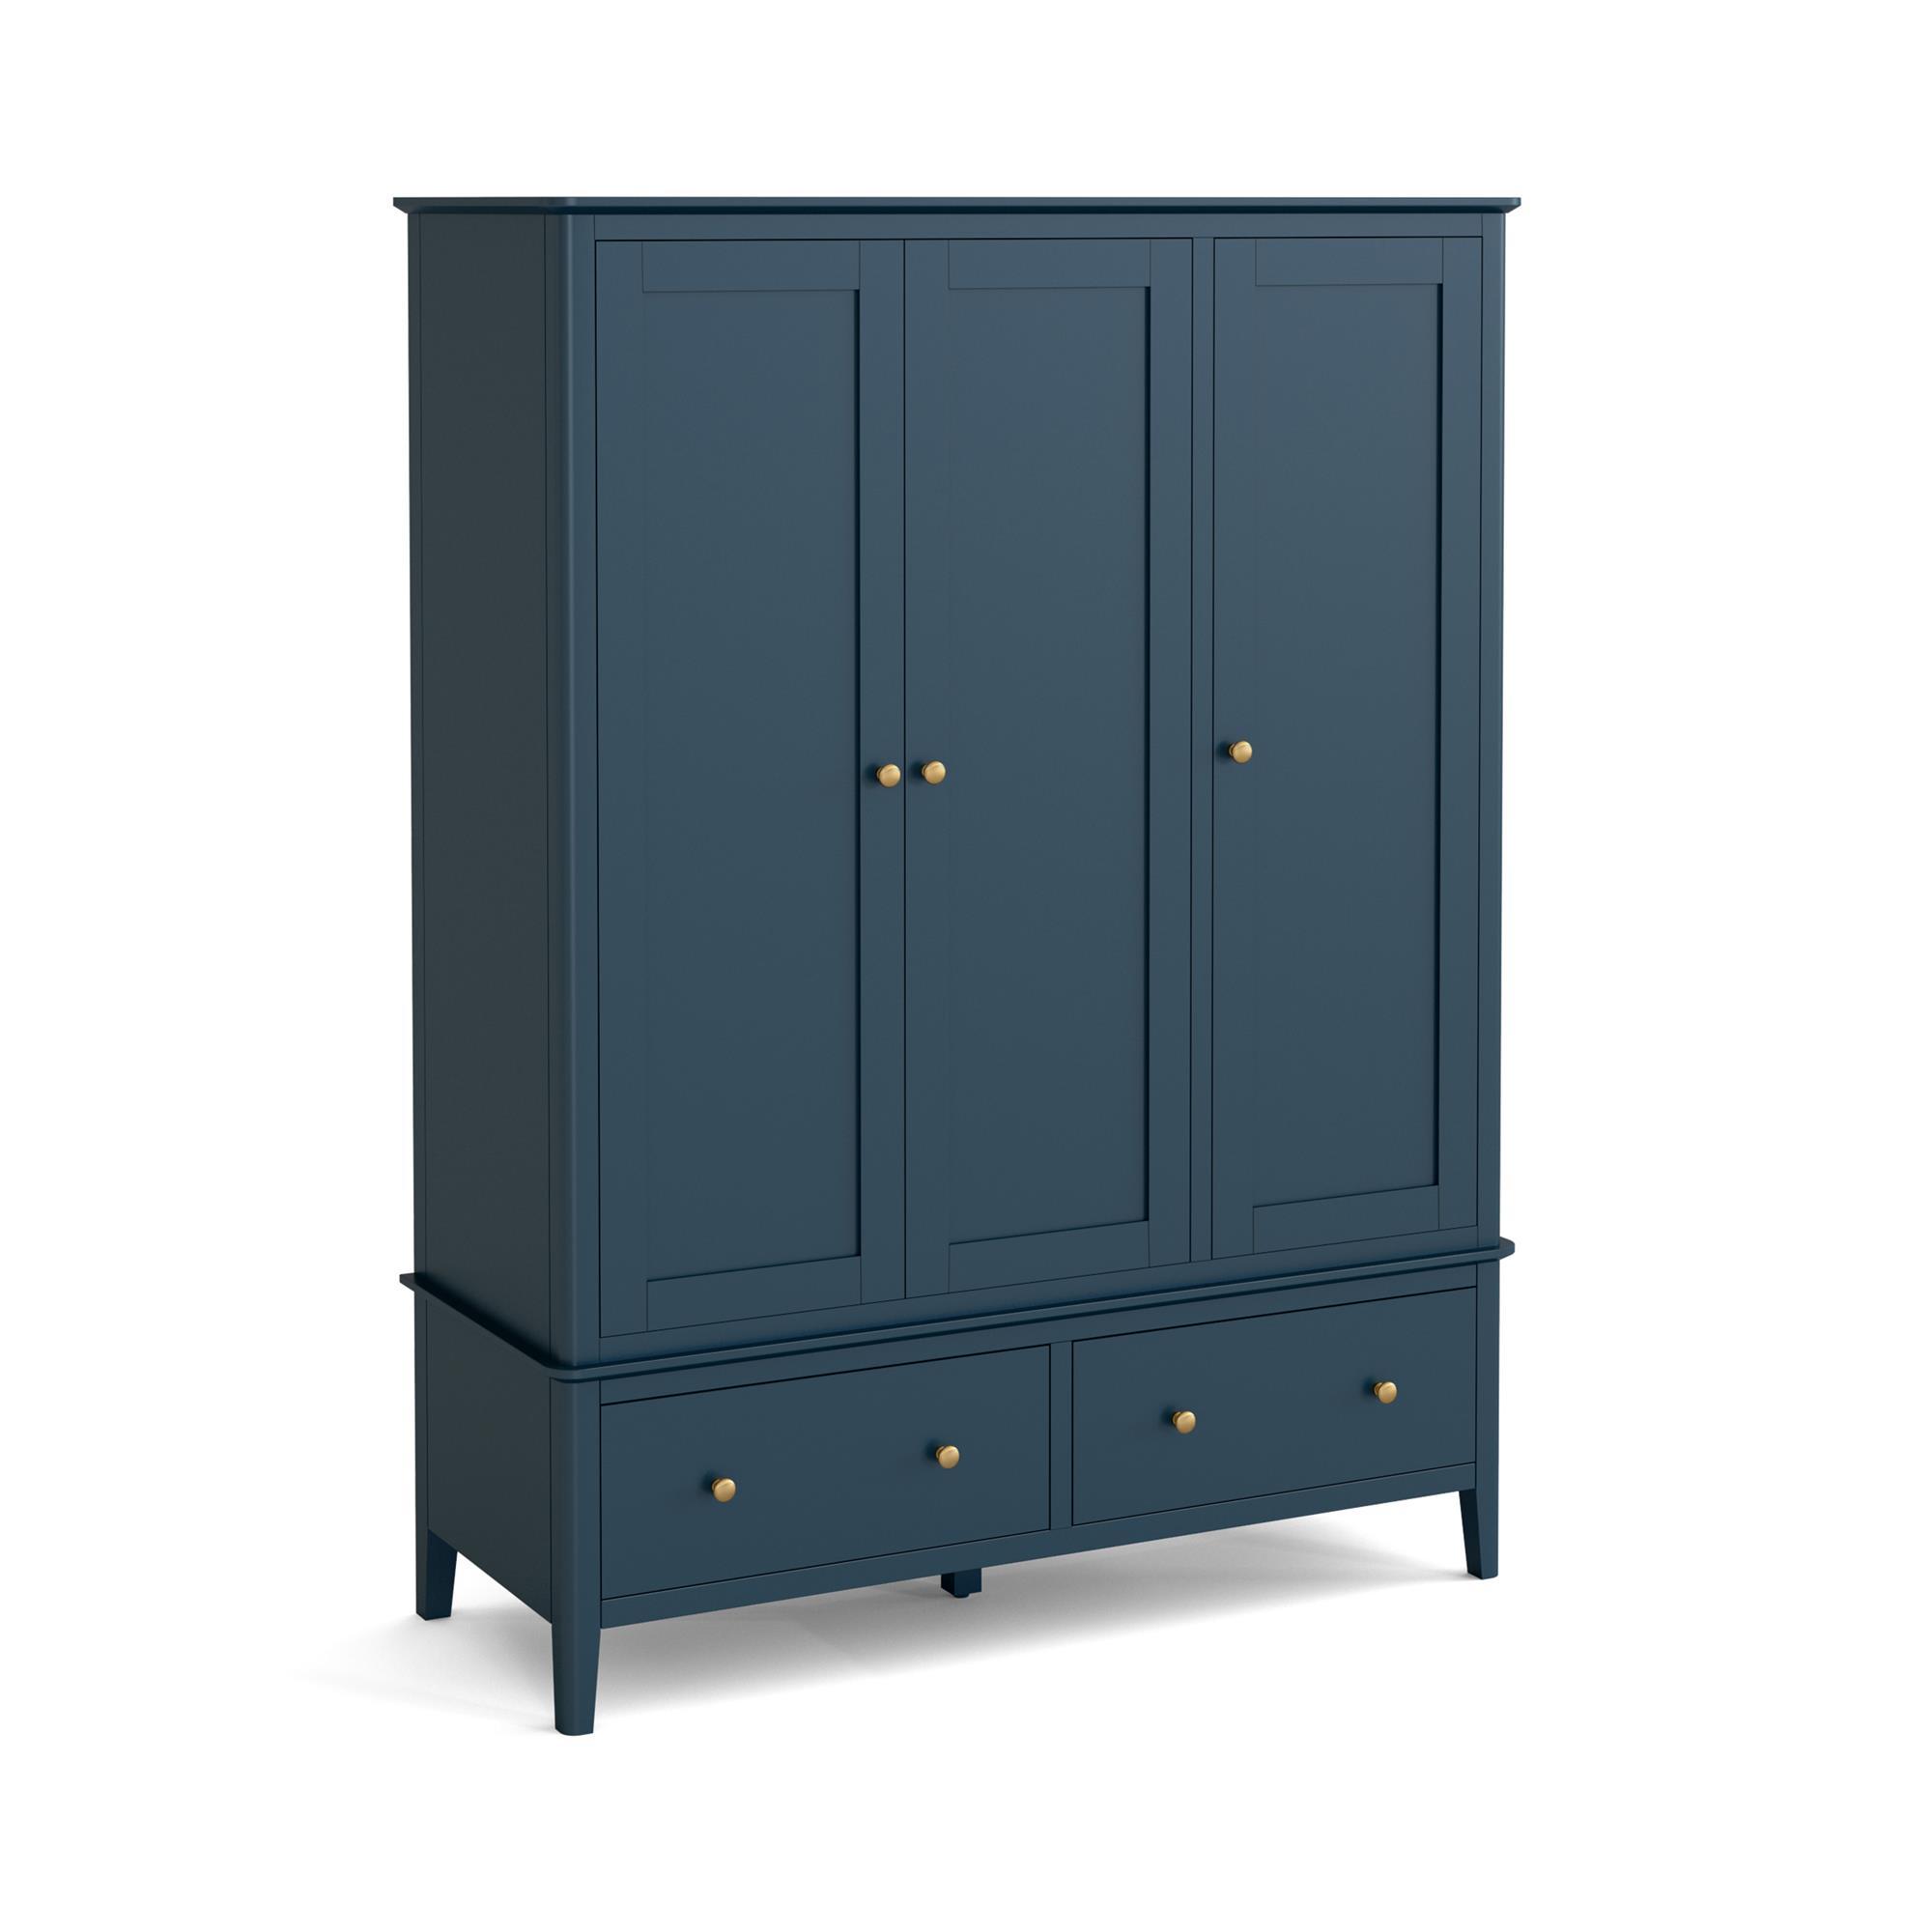 Harrogate - Triple Wardrobe - G5745